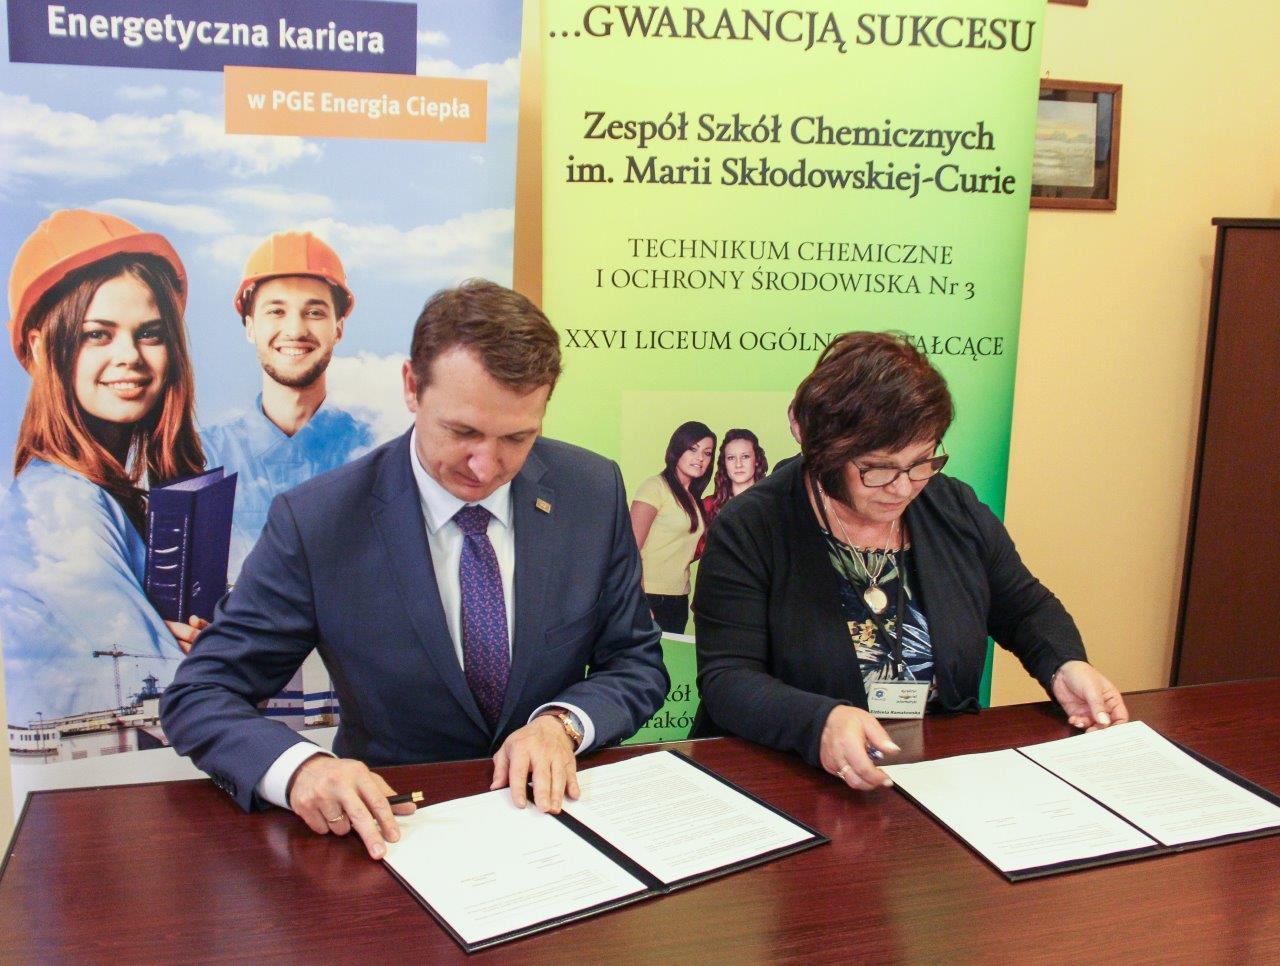 Obok współpracy ze szkołą w Krakowie PGE Energia Ciepła informuje o jeszcze jednej akcji, w którą zaangażuje się spółka. (fot. materiały prasowe)